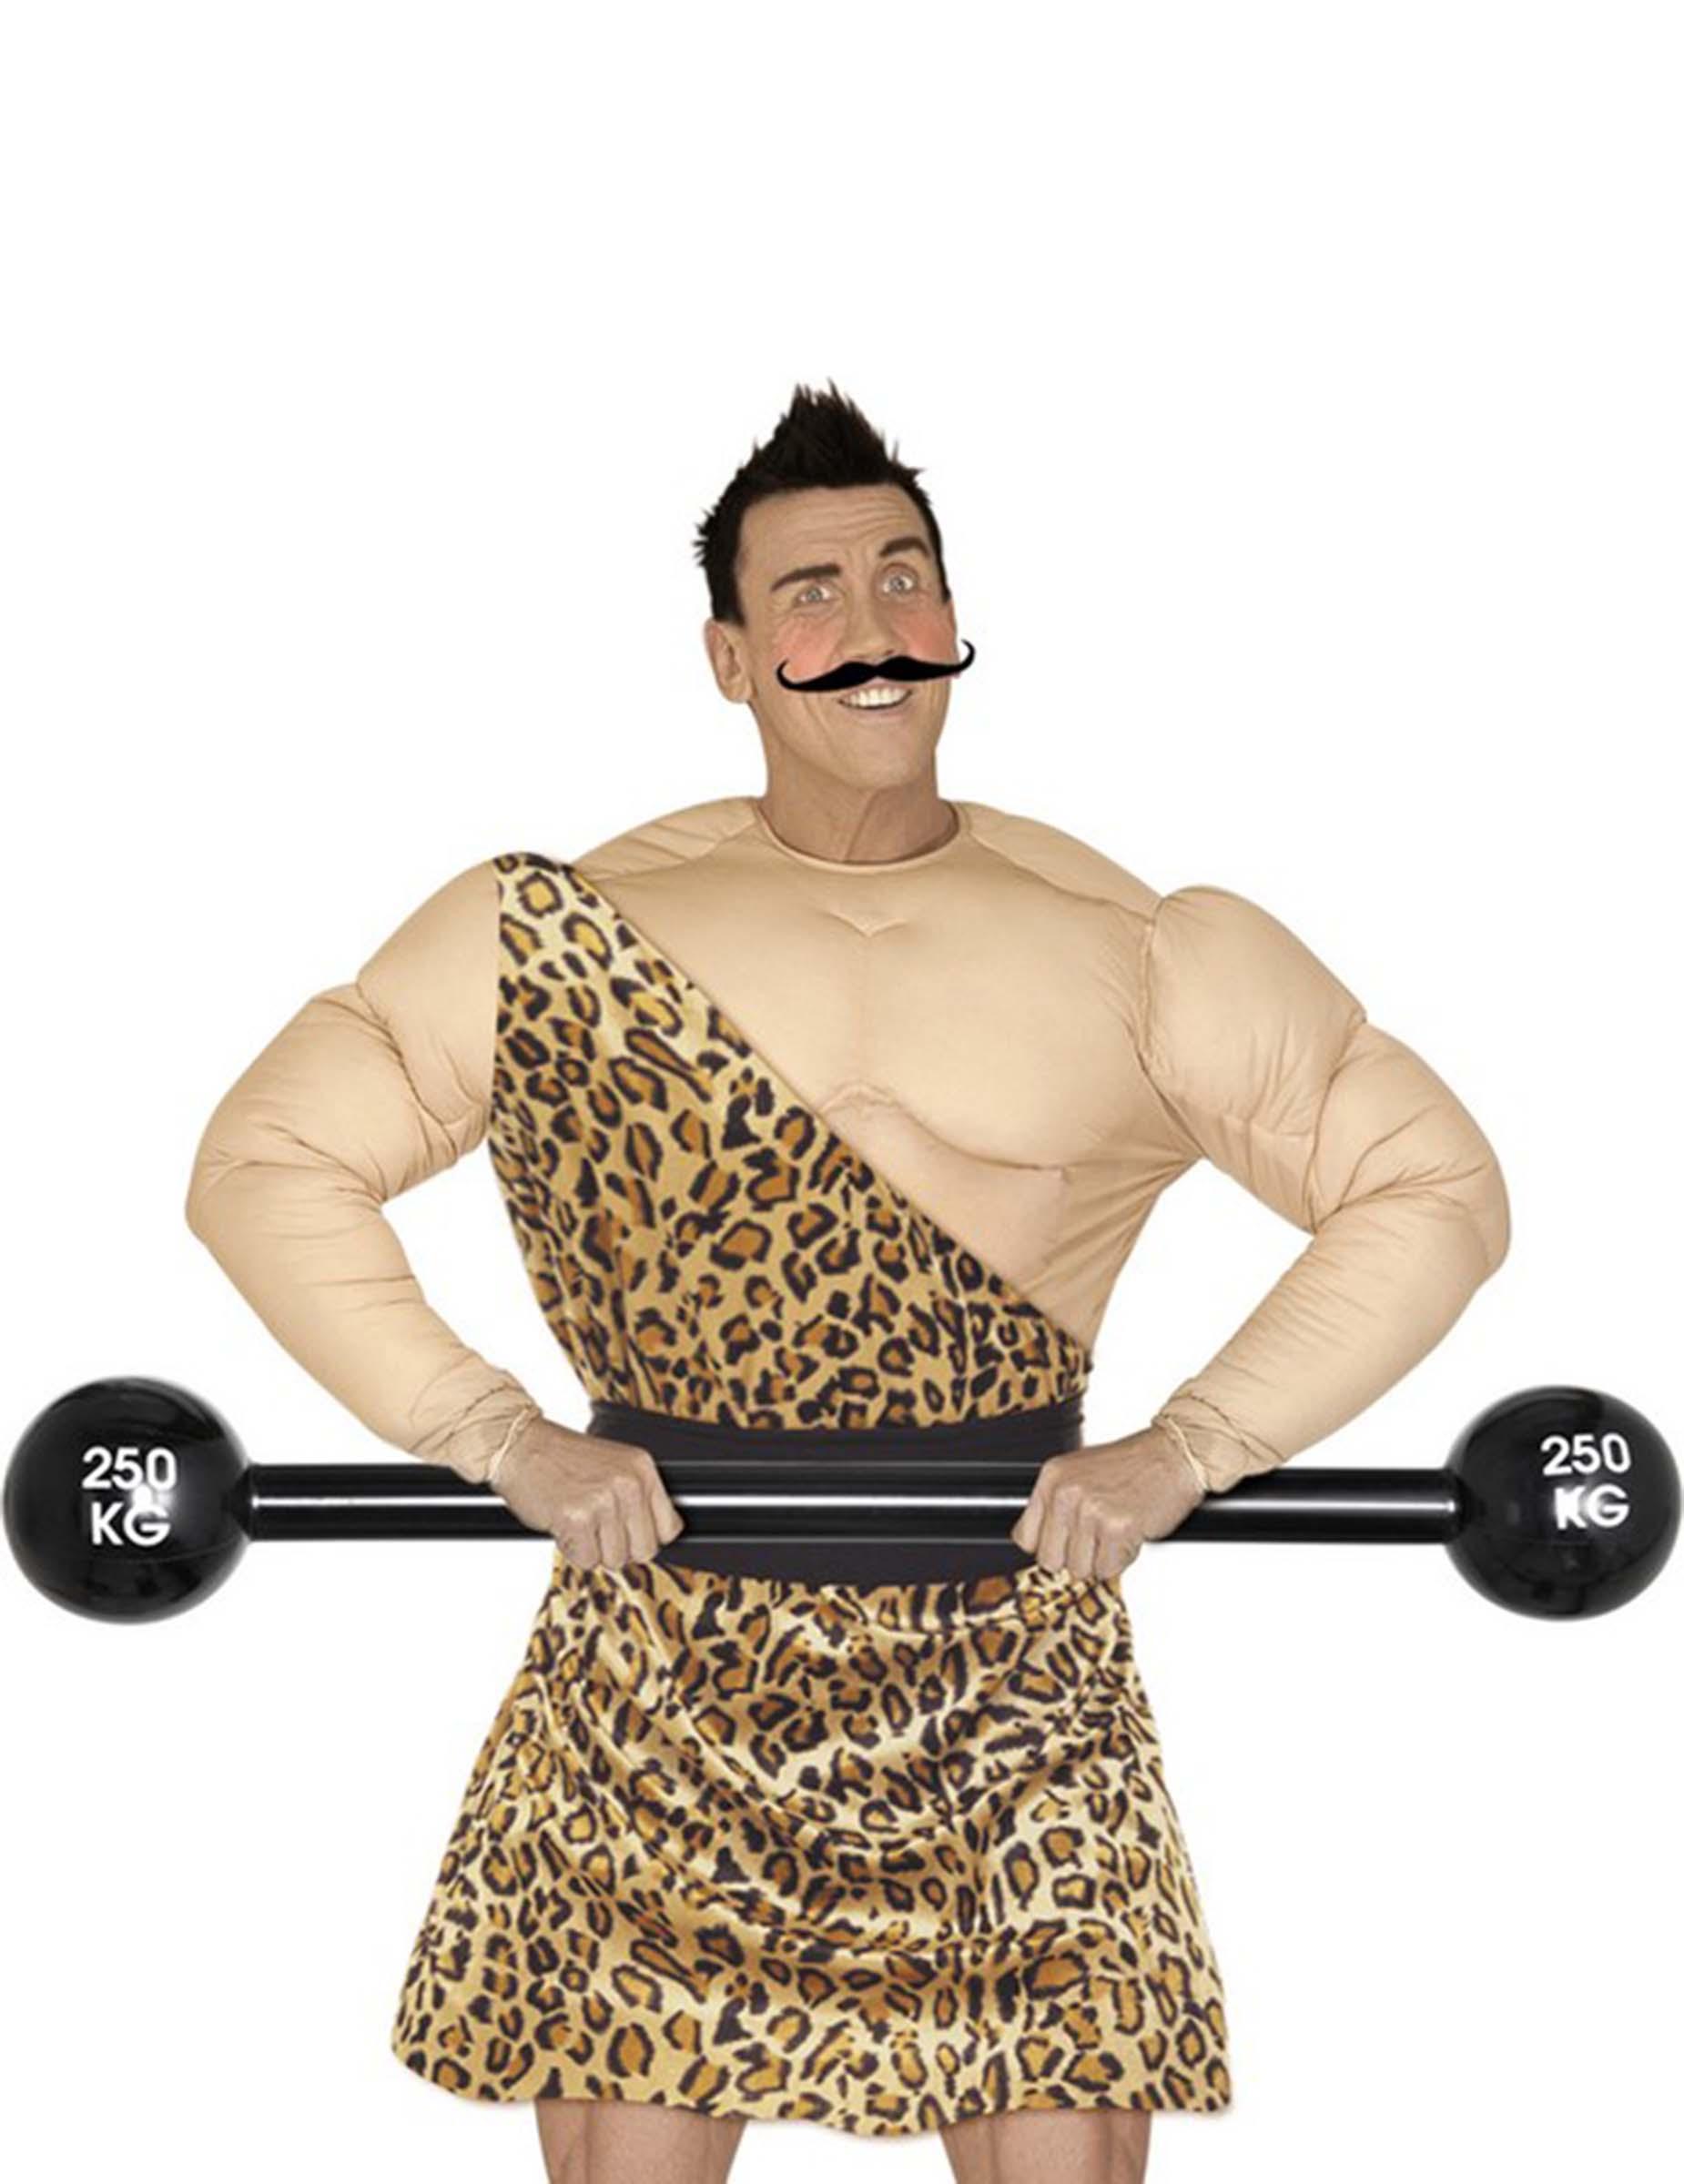 Falscher Männer-Torso mit vielen Muskeln: Kostüme für